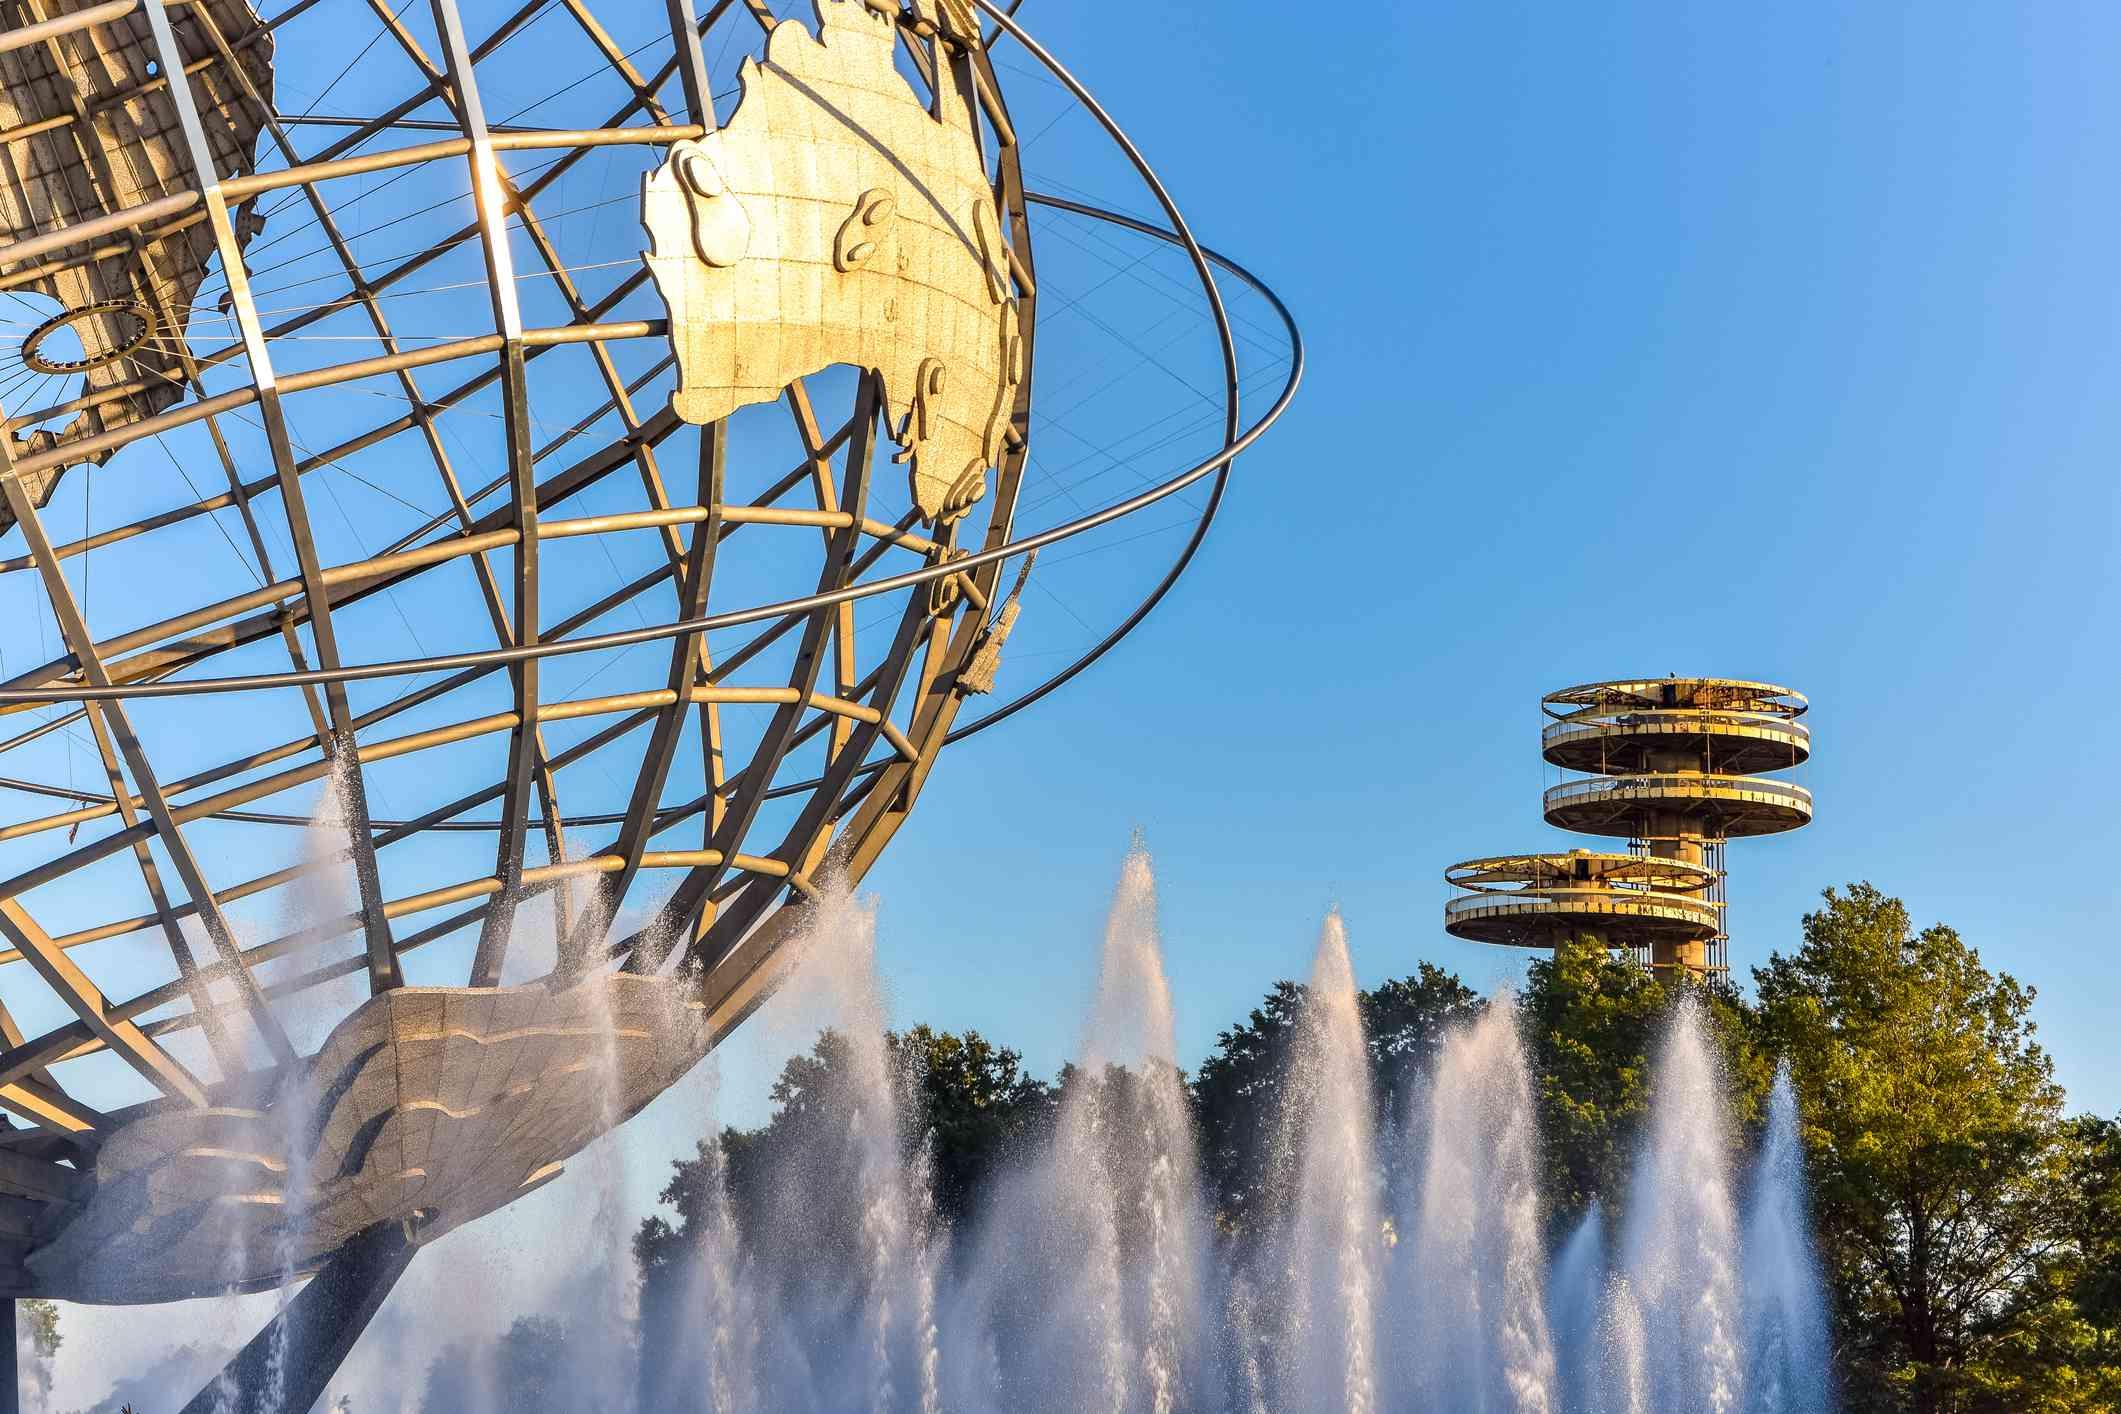 Cerca del globo de metal en la vista detallada del parque Corona. Concepto de viaje y ocio. Nueva York. Estados Unidos